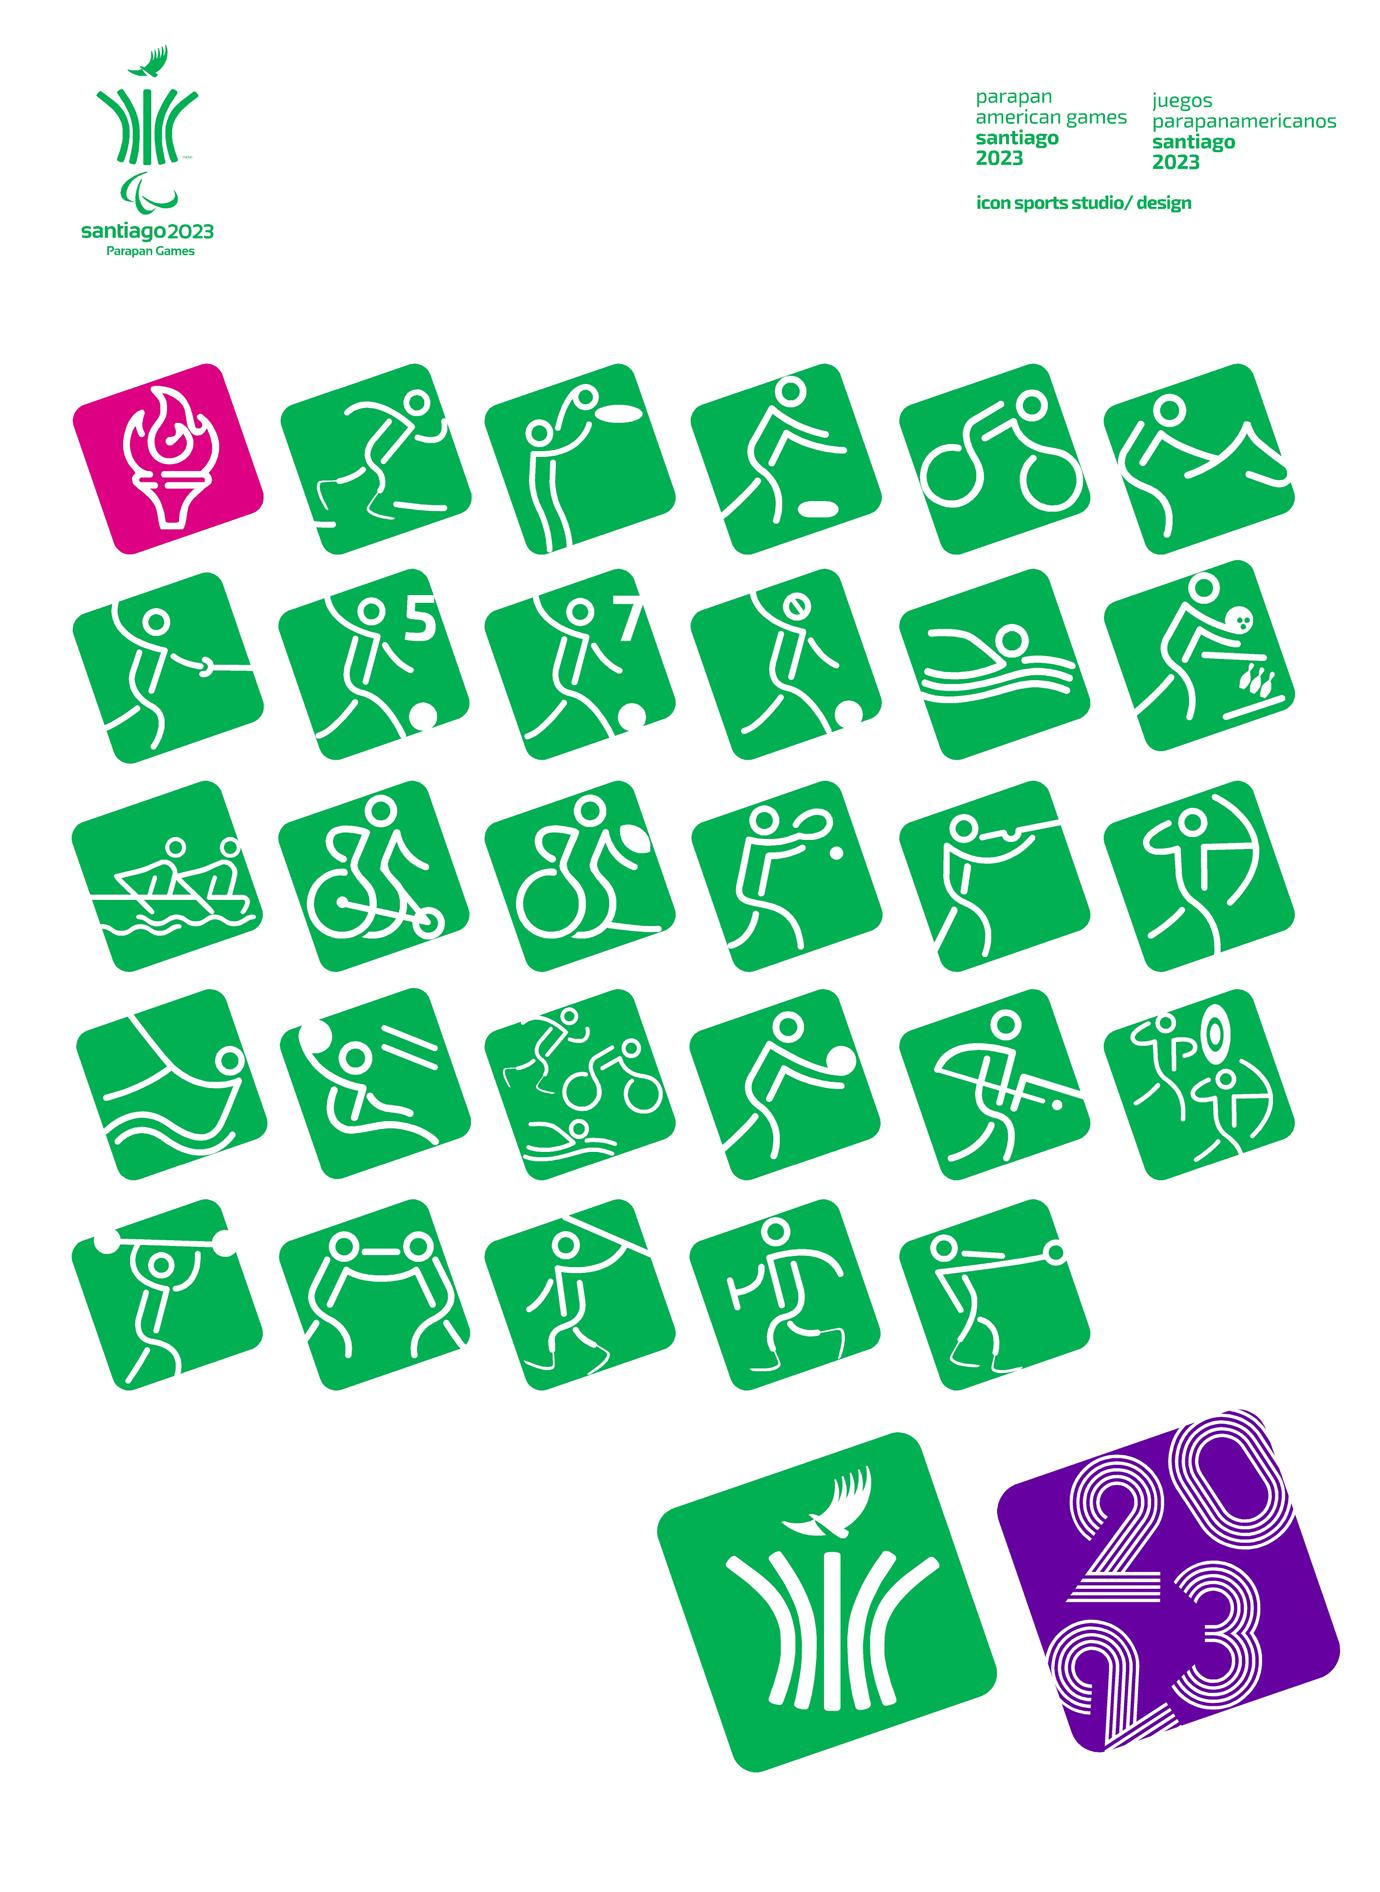 Pictogramas oficiales juegos parapan americanos Santiago 2023 B